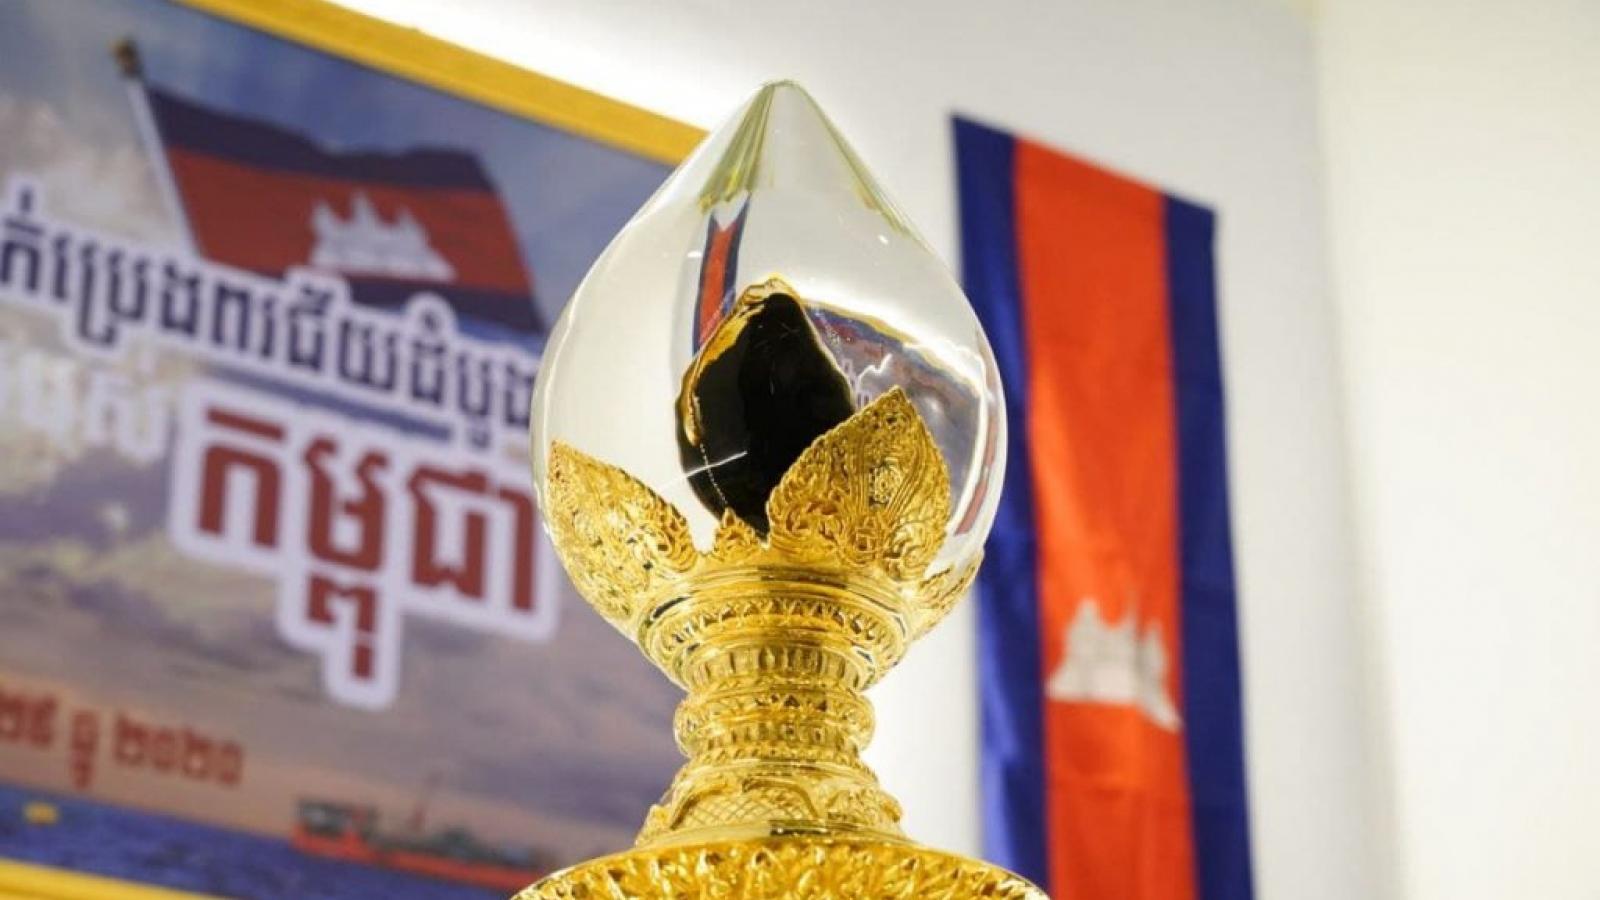 Campuchia tìm cách lấy lại gần 300.000 thùng dầu thô bị mất